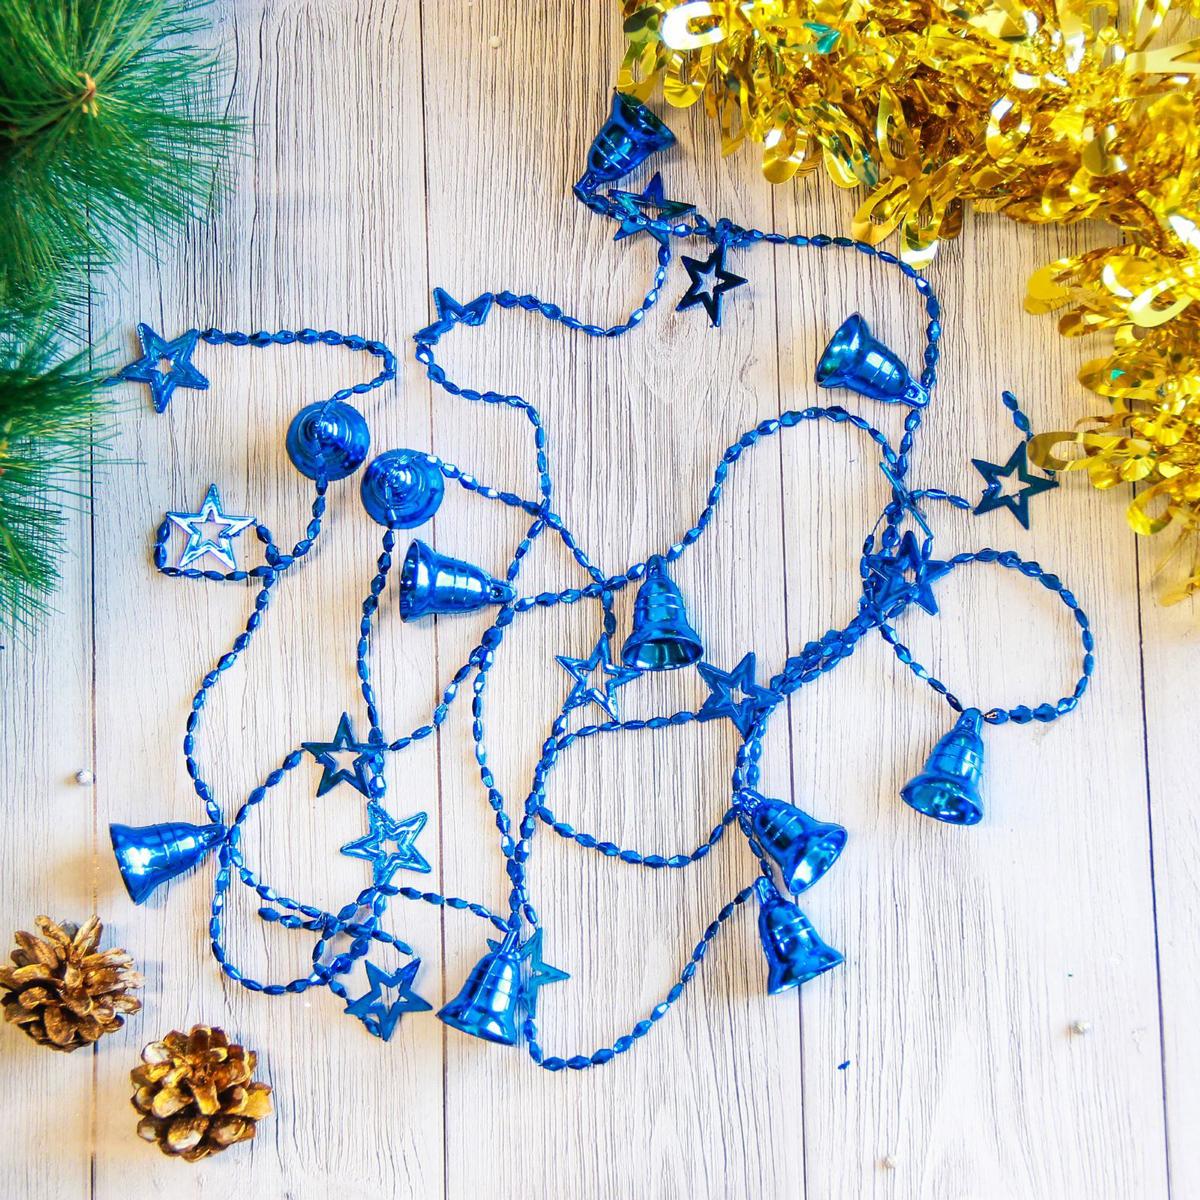 Бусы на елку Колокольчики и снежинки, цвет: синий, длина 2,7 м2371389Невозможно представить нашу жизнь без праздников! Мы всегда ждем их и предвкушаем, обдумываем, как проведем памятный день, тщательно выбираем подарки и аксессуары, ведь именно они создают и поддерживают торжественный настрой. Это отличный выбор, который привнесет атмосферу праздника в ваш дом!